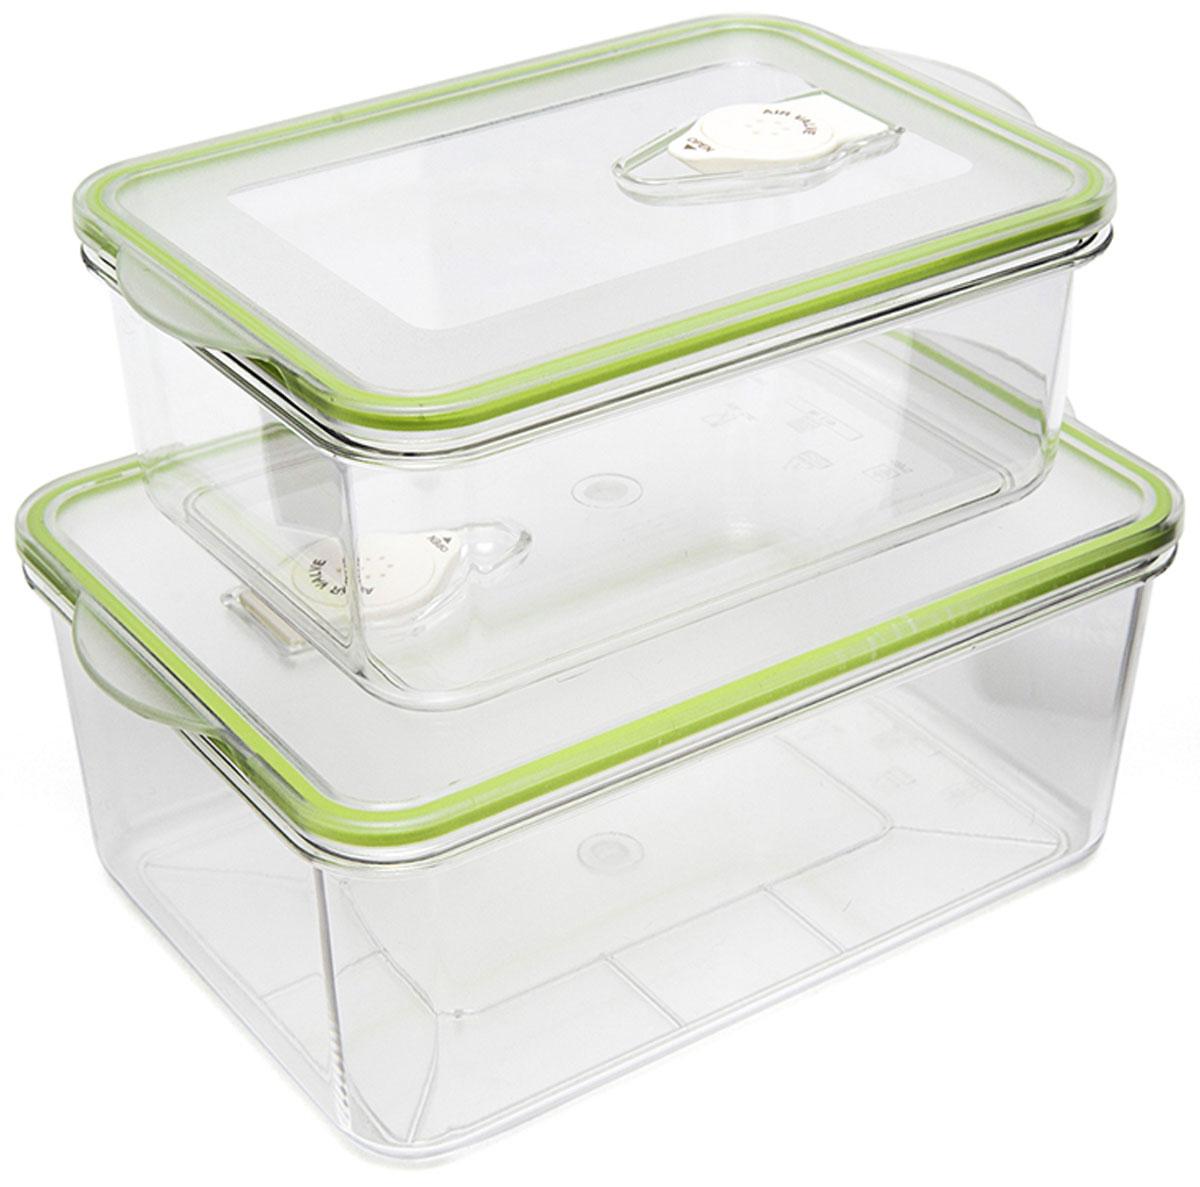 Kitfort КТ-1500-01 контейнер для вакуумного упаковщикаКТ-1500-01Kitfort КТ-1500-01 - набор контейнеров для вакуумного упаковщика. Они подходят не только для вакуумирования и хранения, но и для замораживания и разогрева в СВЧ-печи.Температурный диапазон эксплуатации: -20 – +120 °С